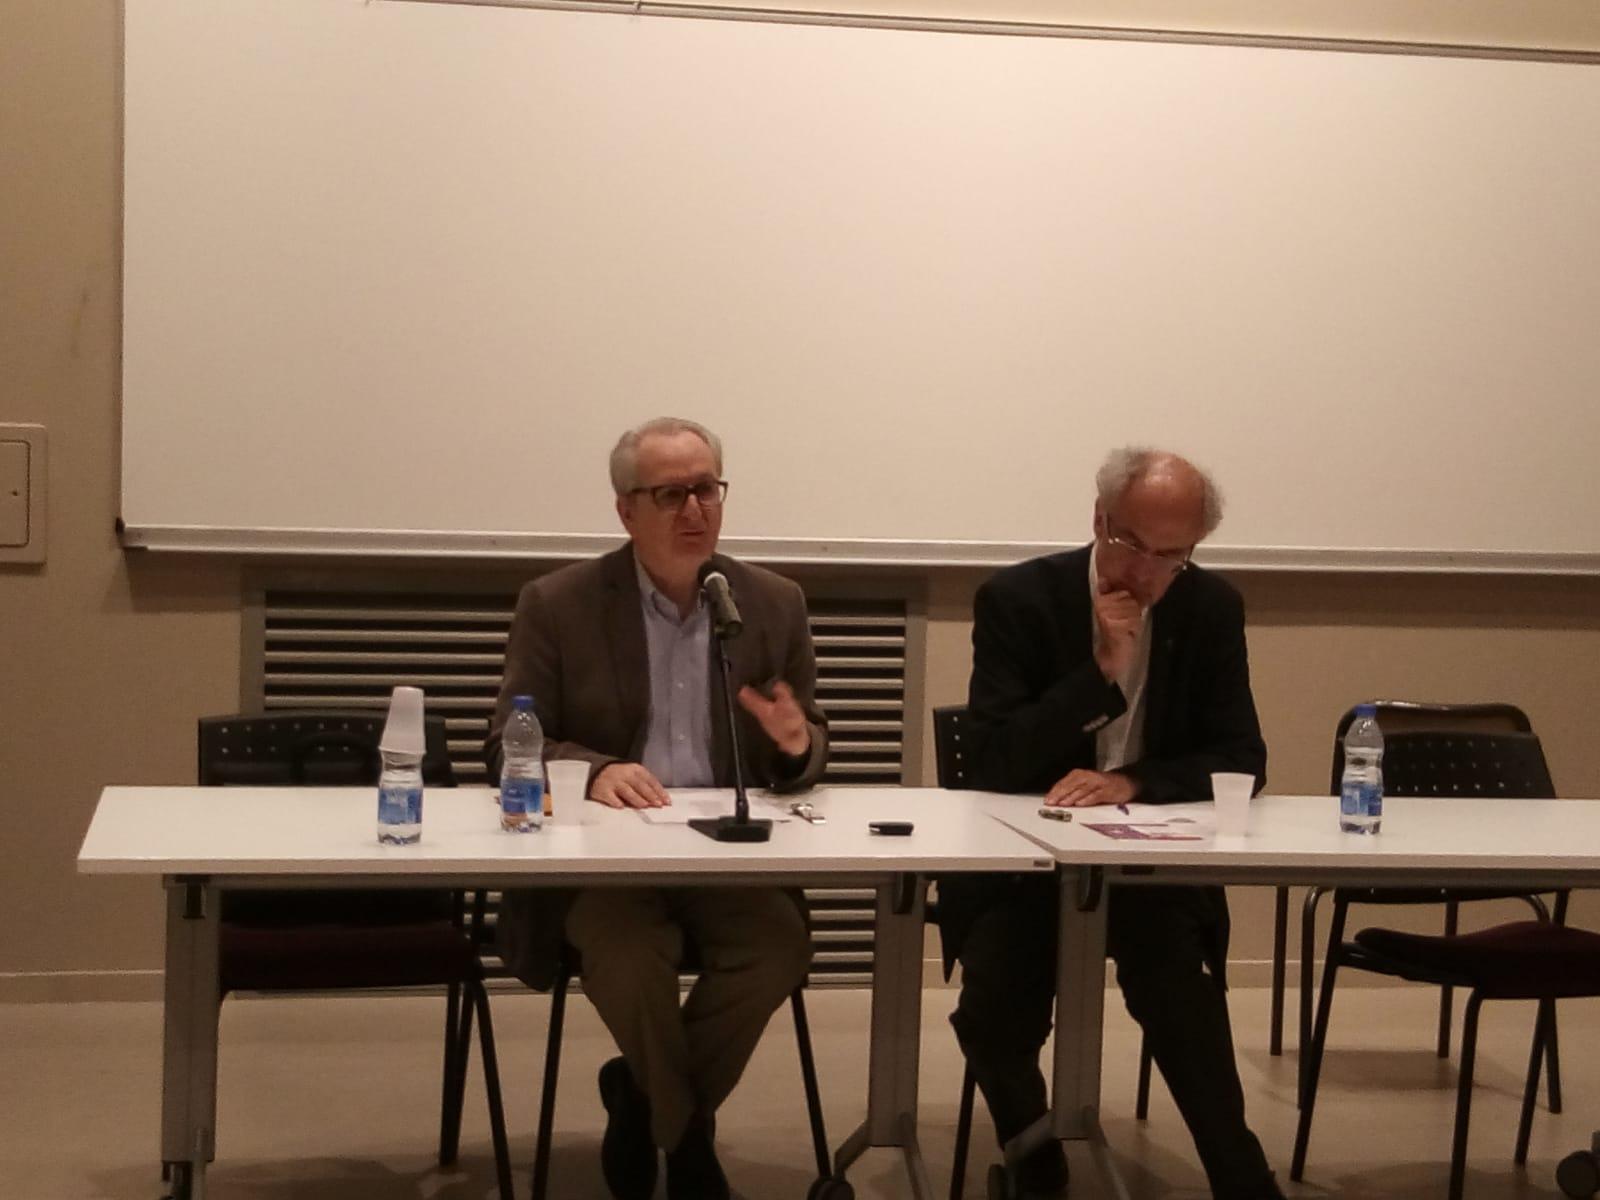 Etienne Fouilloux, professeur émérite d'Histoire contemporaine à l'Université Lyon II et Père Jean François Chiron, professeur de théologie et co-président du groupe des Dombes